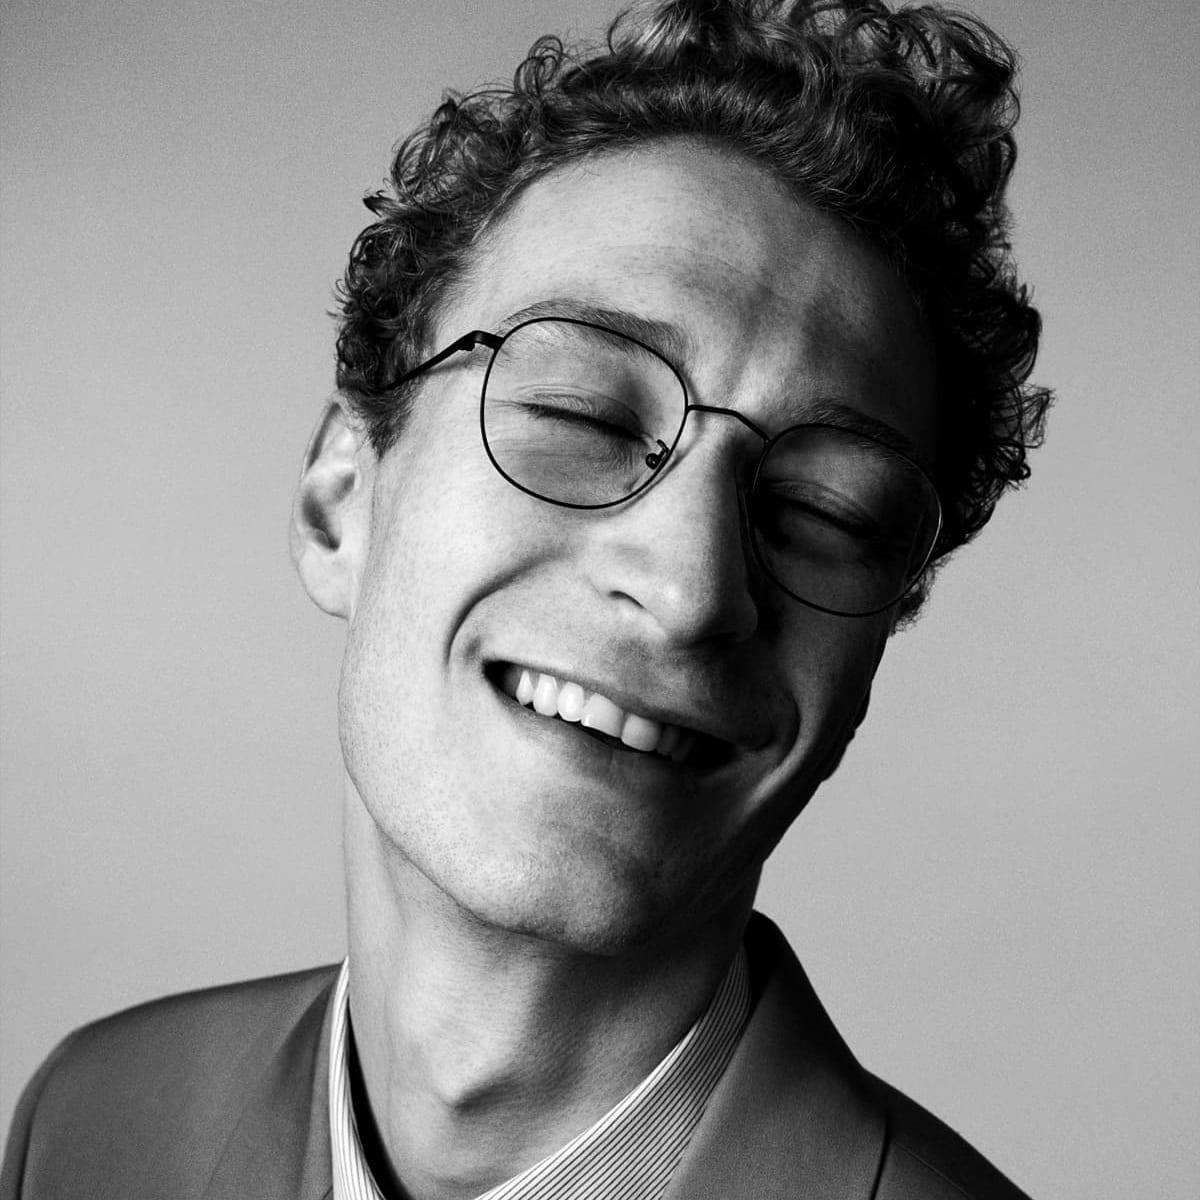 paul-smith-eyewear-glasses-stockist-opticians-west-midlands-shropshire-03